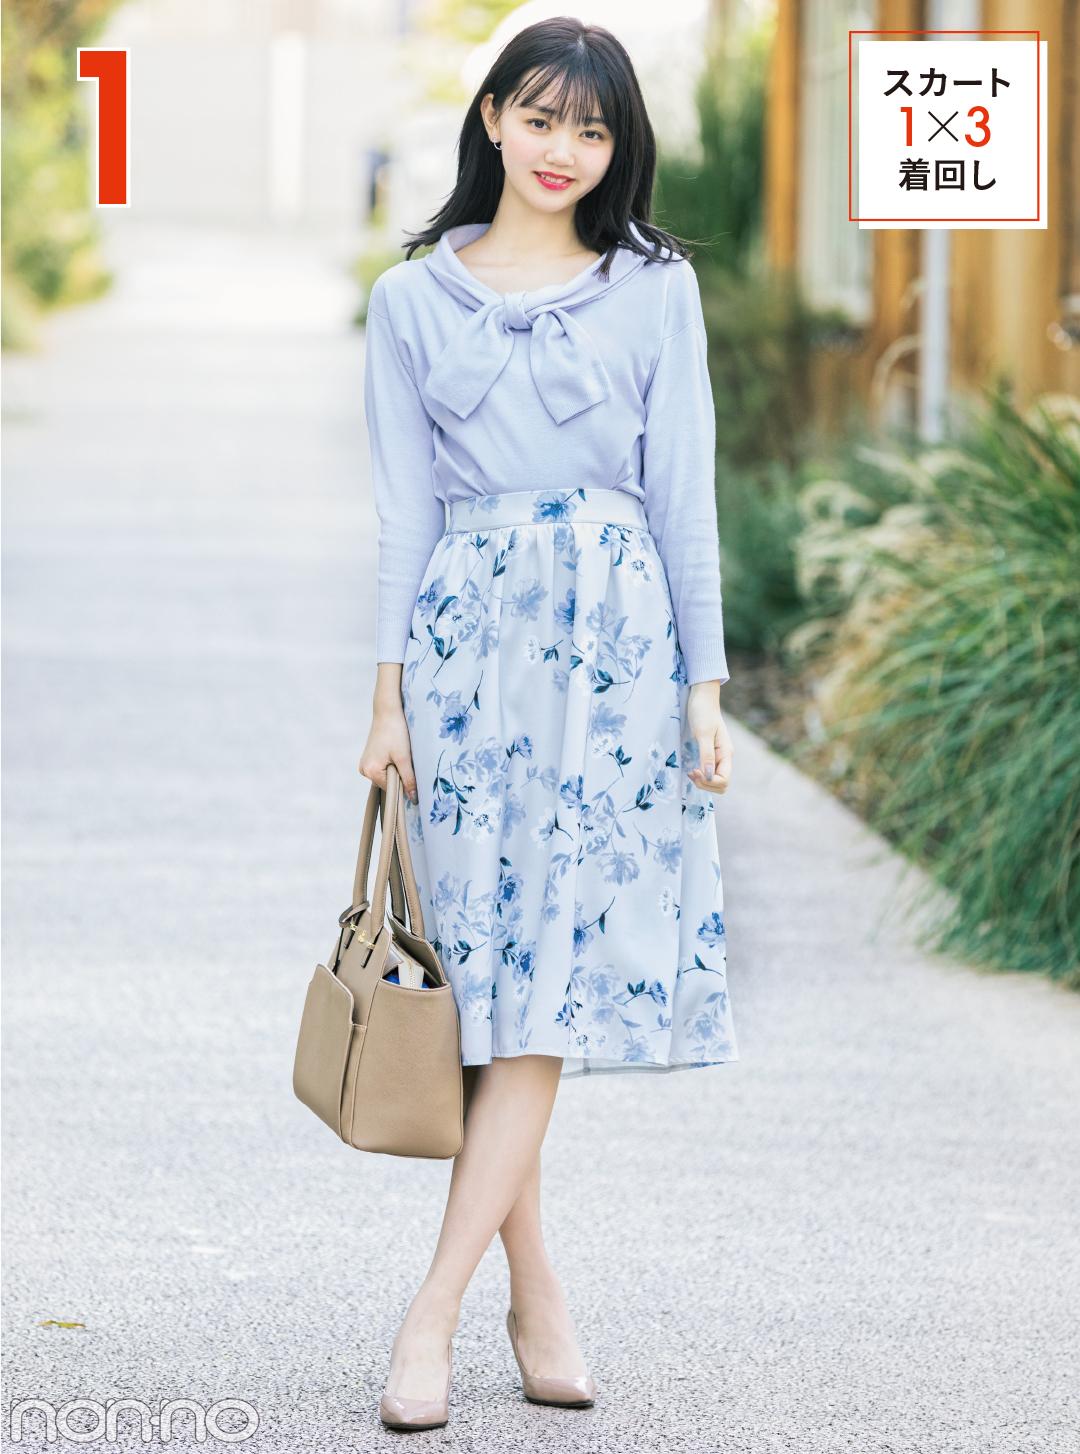 きれいめ派の花柄スカートオフィスコーデ着回し☆3月の即買いおすすめカタログつき!_1_2